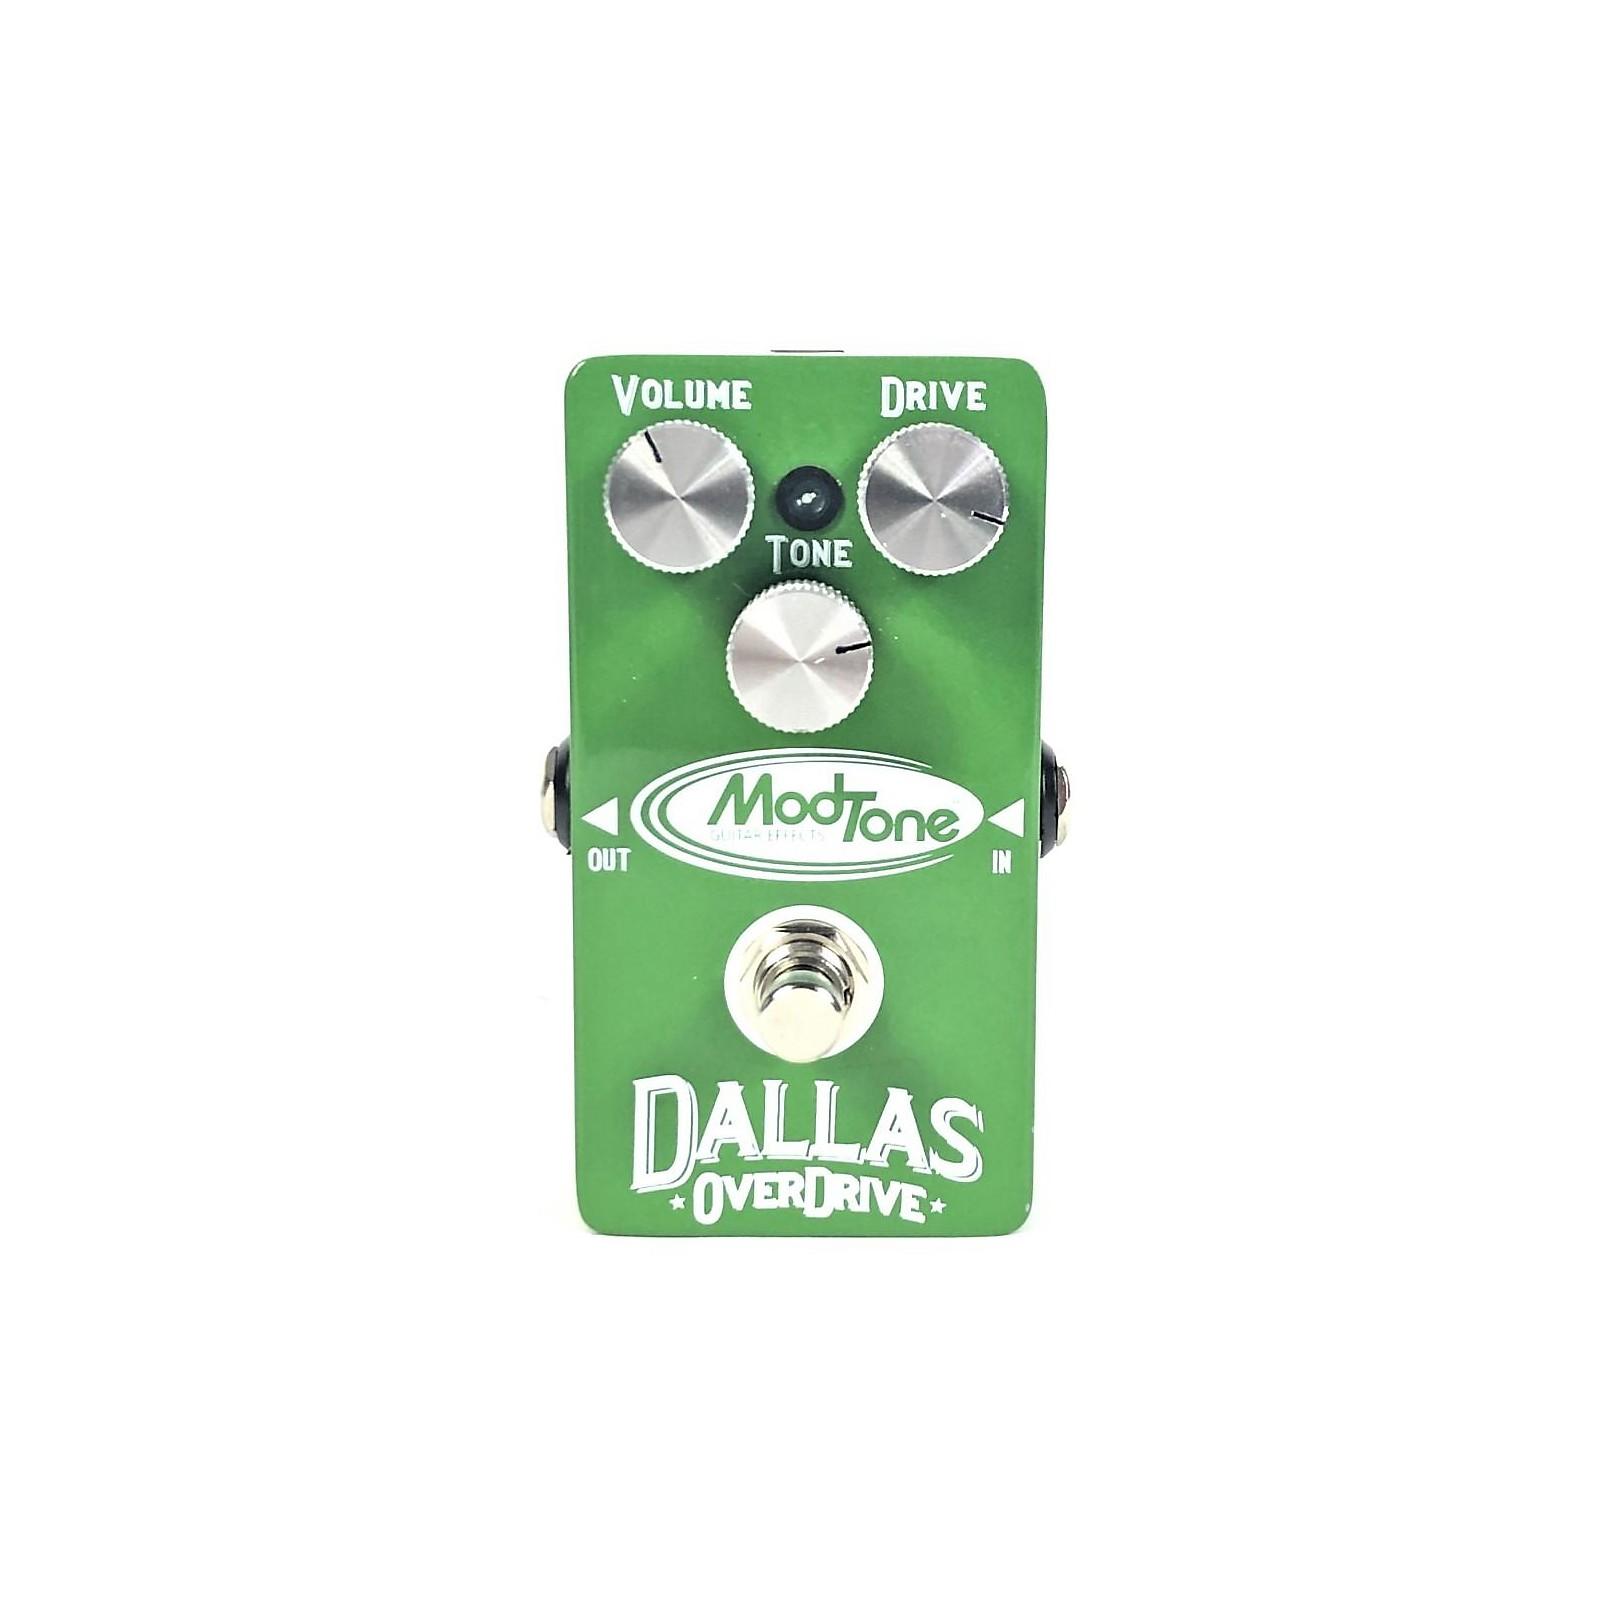 Modtone MT-OD DALLAS OVERDRIVE Effect Pedal